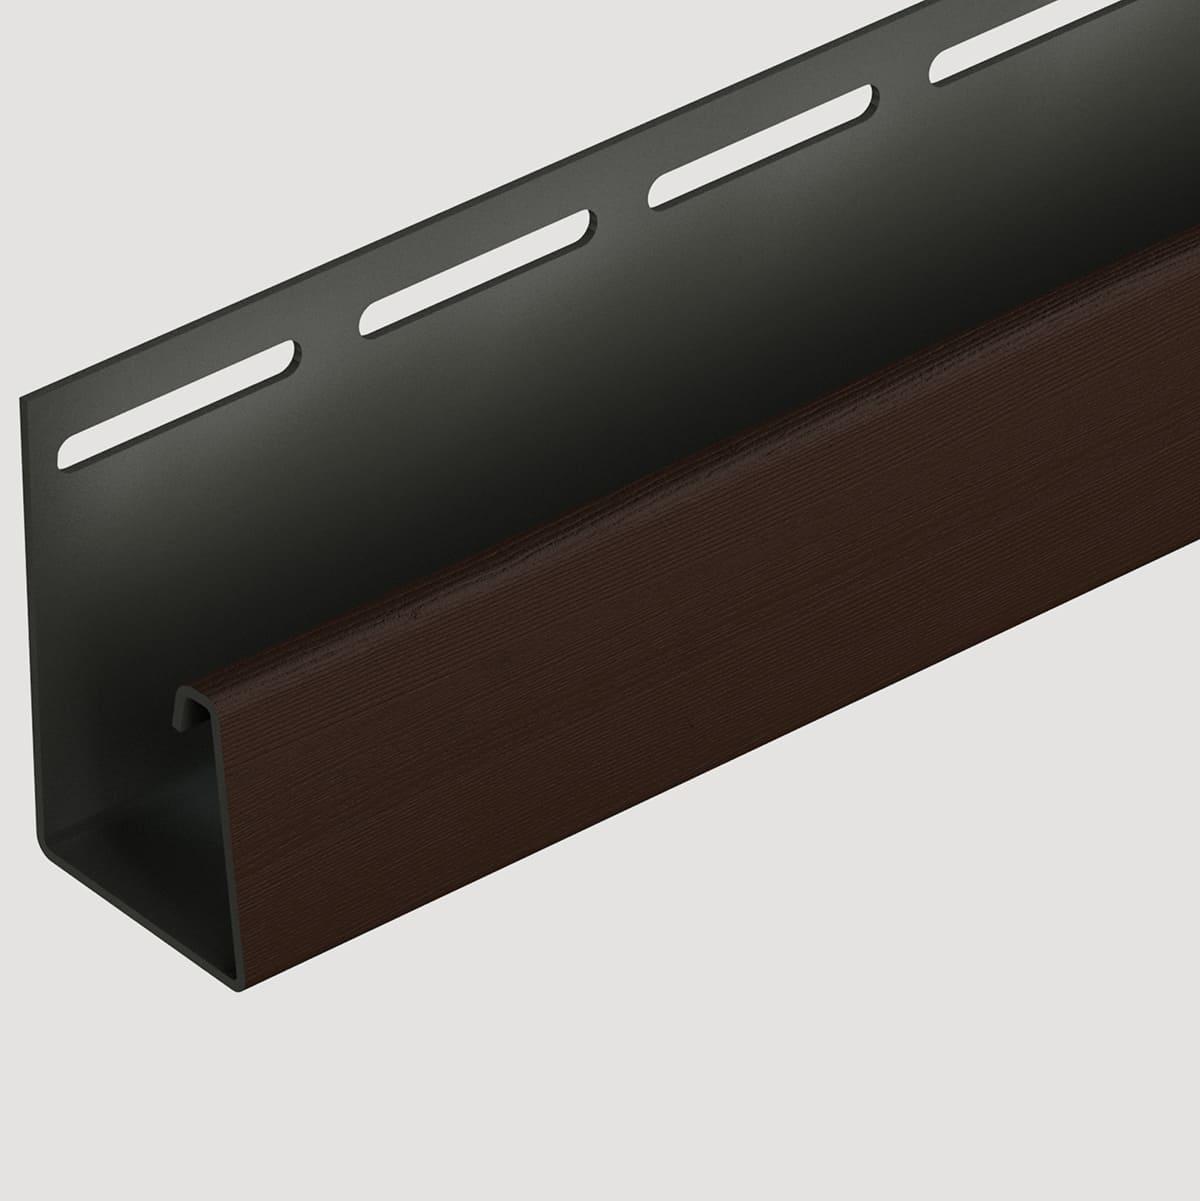 Döcke Фасадный J-профиль 30 мм (Шоколадный)